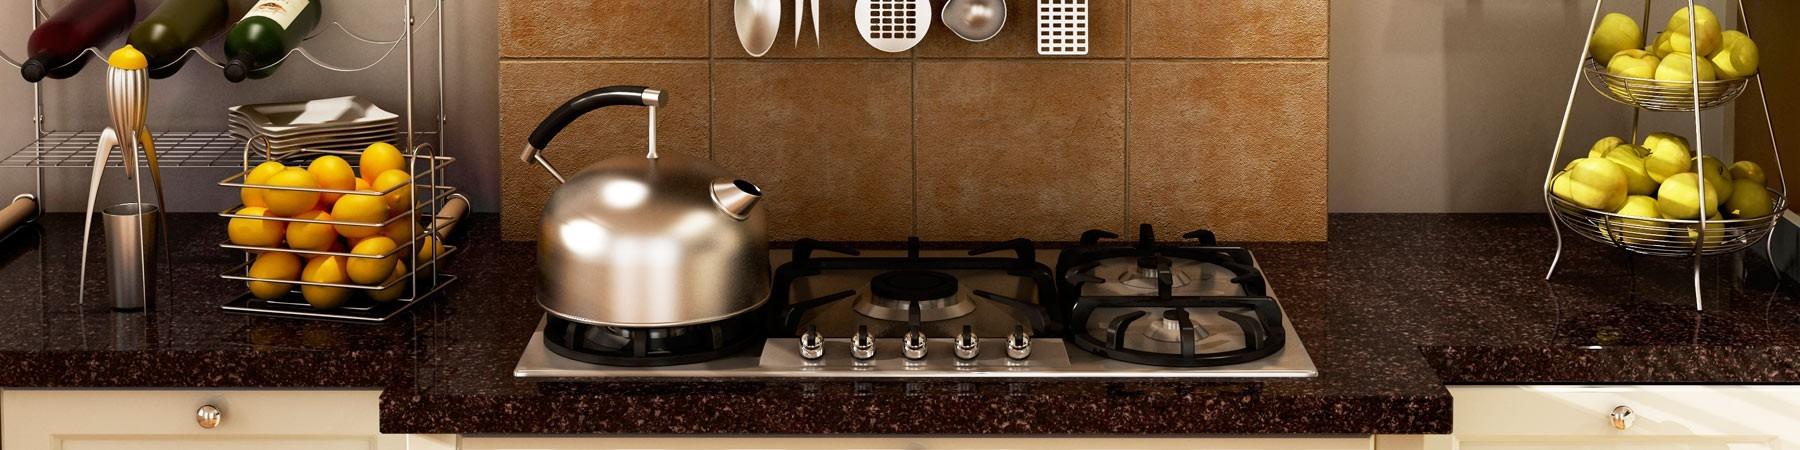 Gia dụng,đồ dùng nấu cơm bếp ăn,thông minh tiện ích phòng bếp